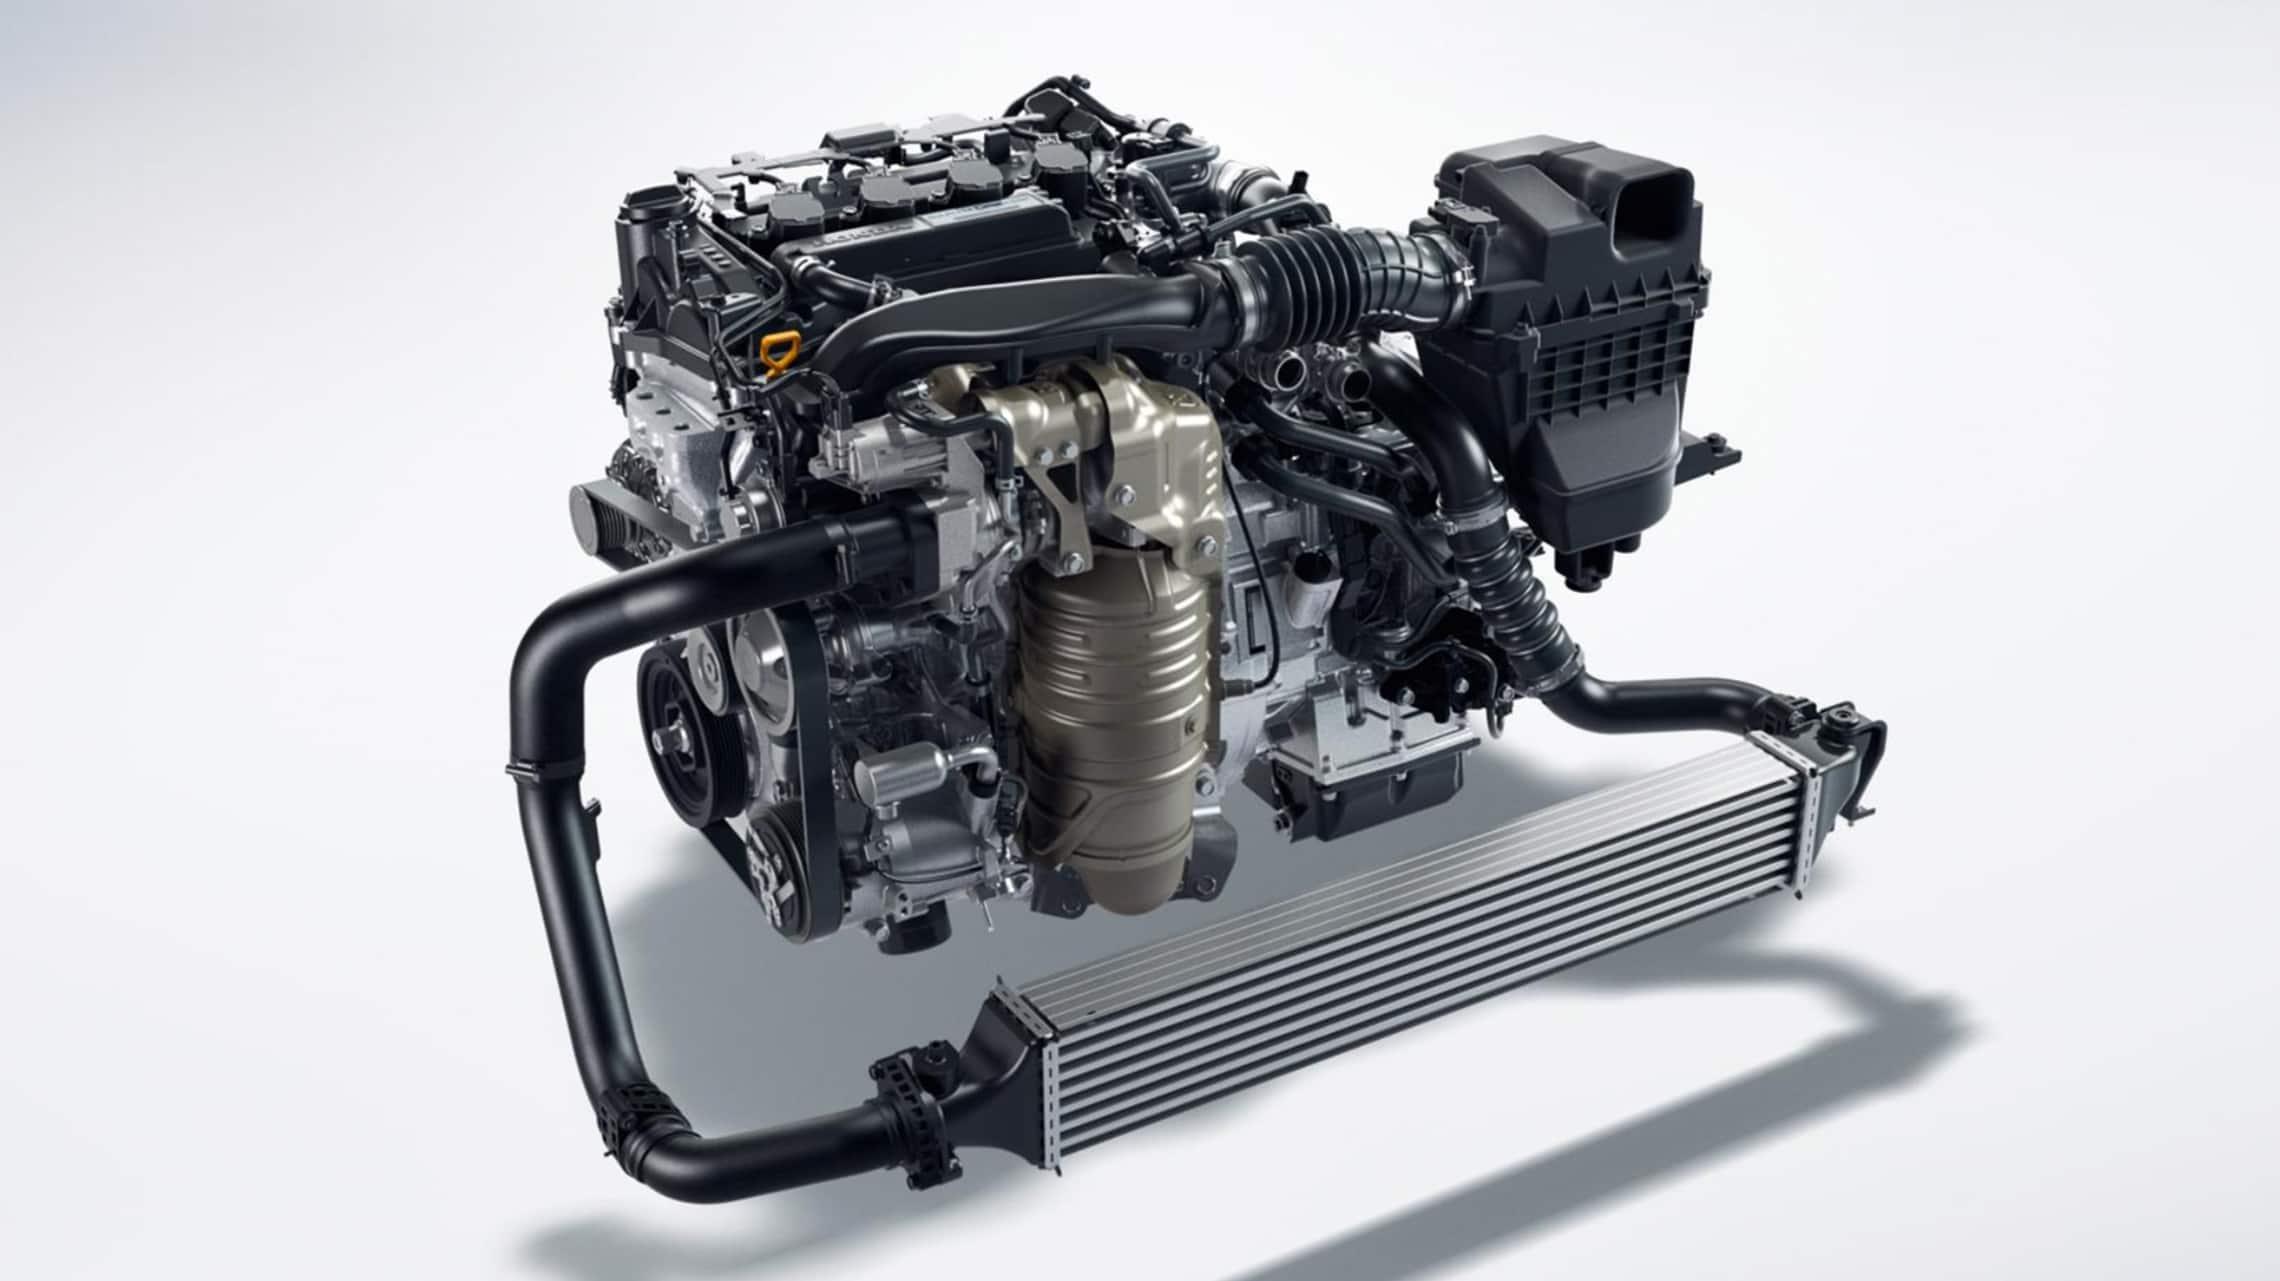 Detalle del motor turboalimentado de 1.5litros en el Honda Civic Hatchback2021.